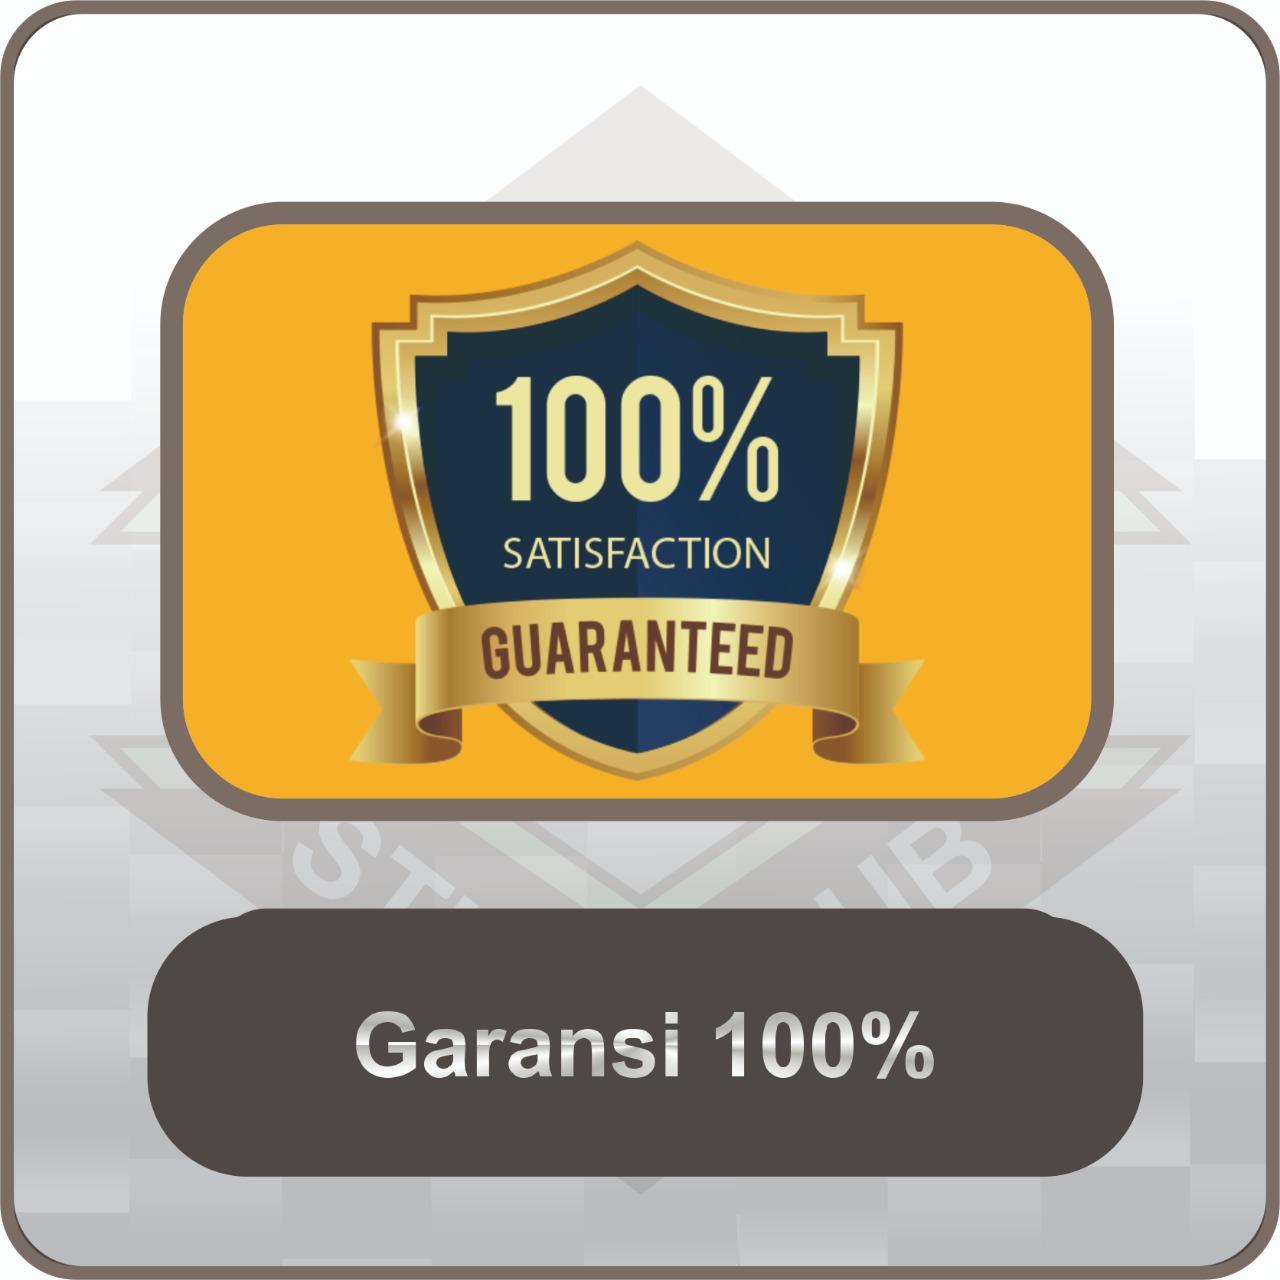 garansi 100 %